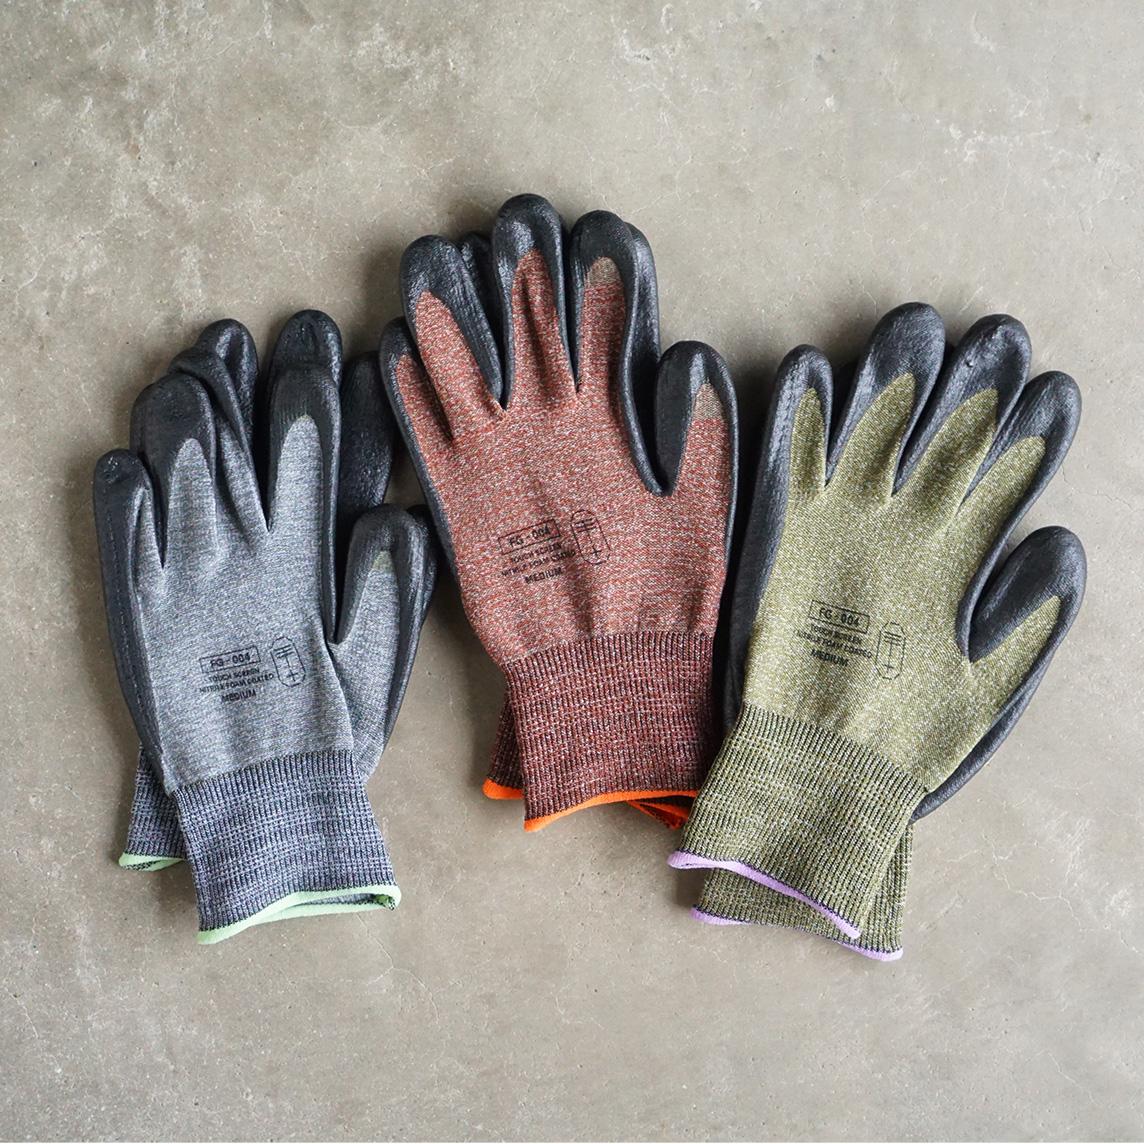 手袋の全面に、導電糸を編みこむことで、スマホ画面にもタッチできます。スマホを触れる。ネジもつまめる抜群のフィット感で、指先がスイスイ動く「作業用手袋」|workers gloves(ワーカーズグローブ)